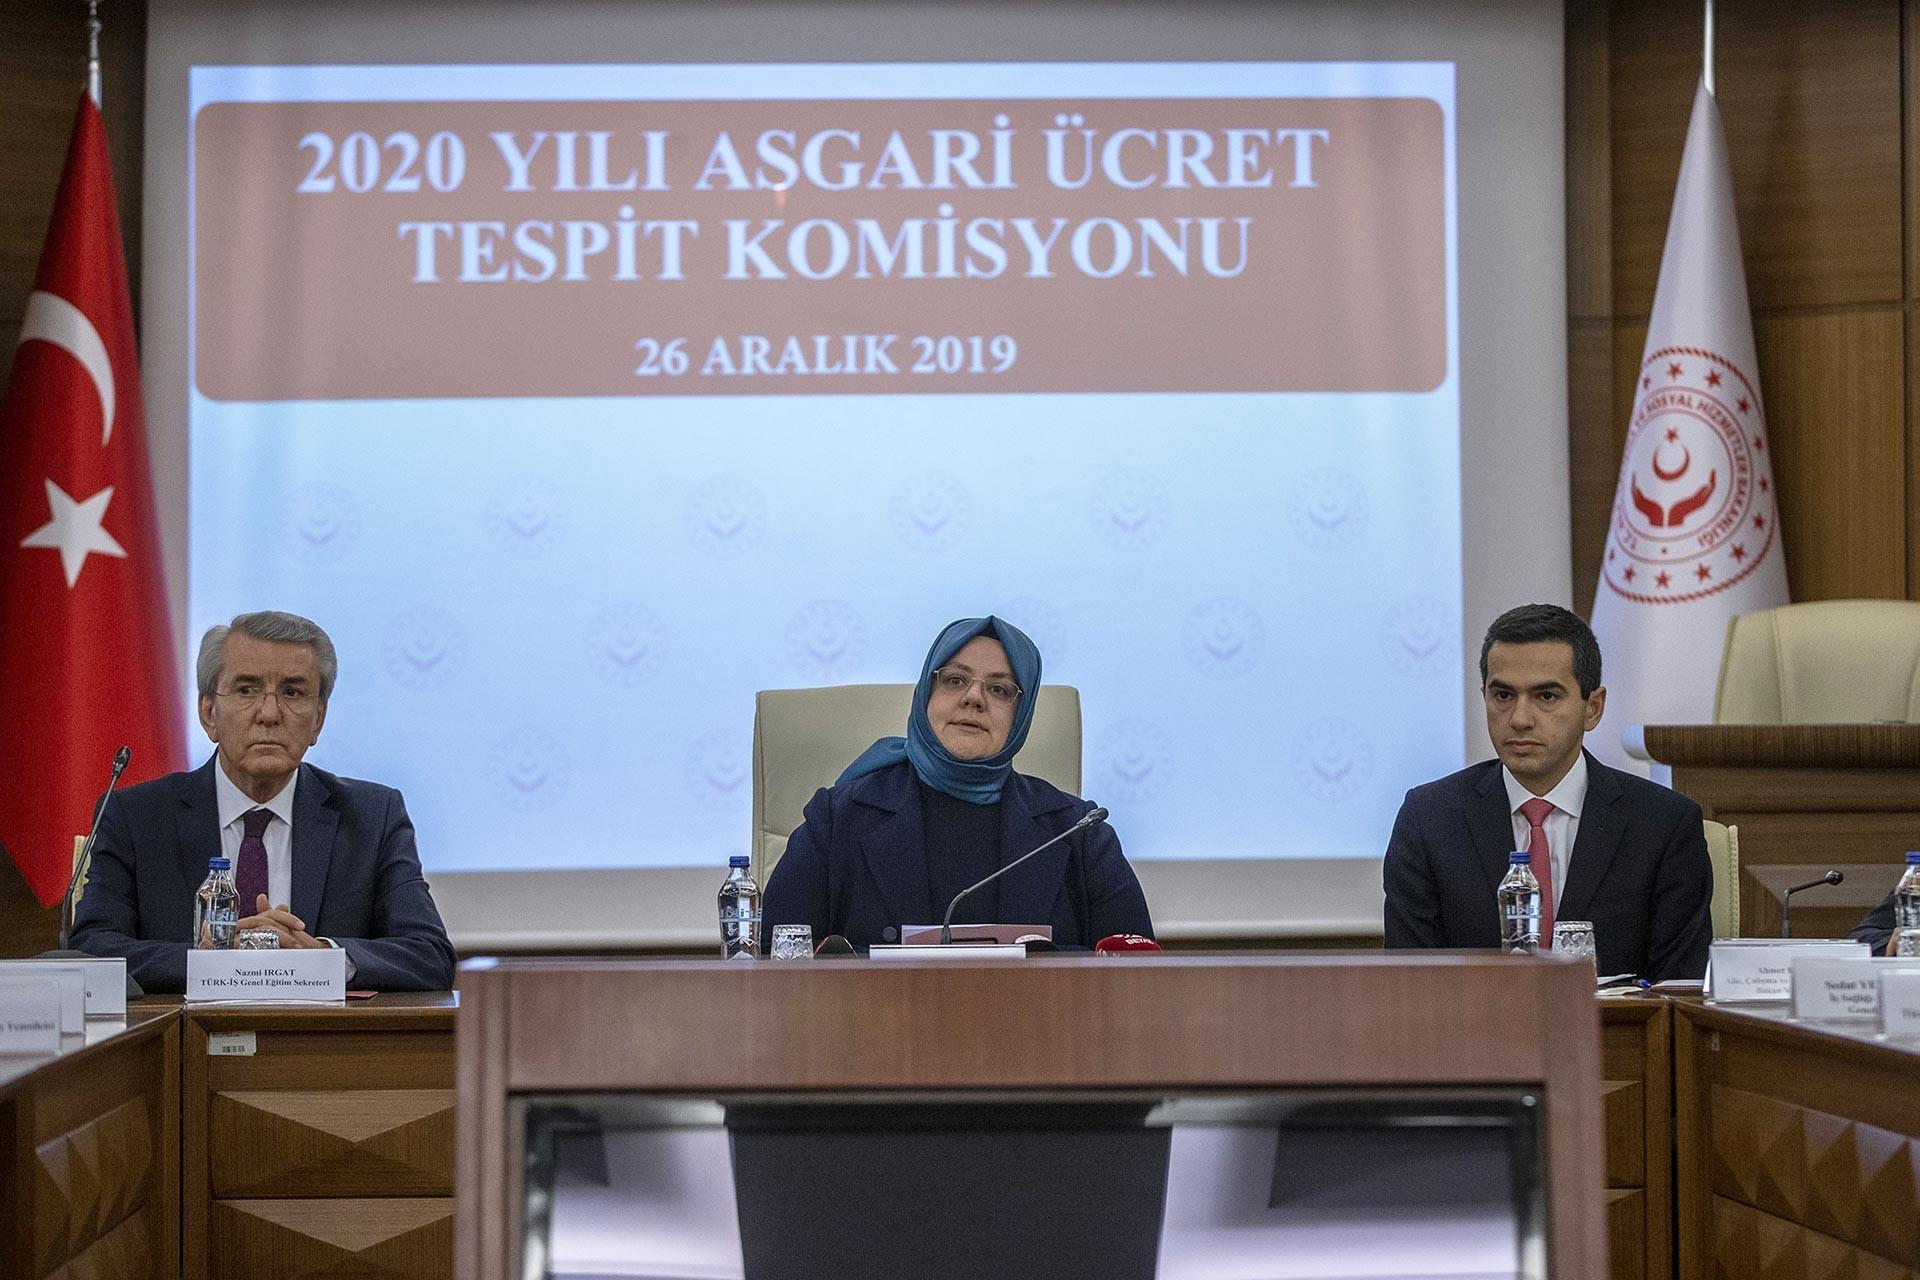 Asgari Ücret Tespit Komisyonunun 2020 yılı asgari ücretini açıklamak için gerçekleştirdiği toplantı